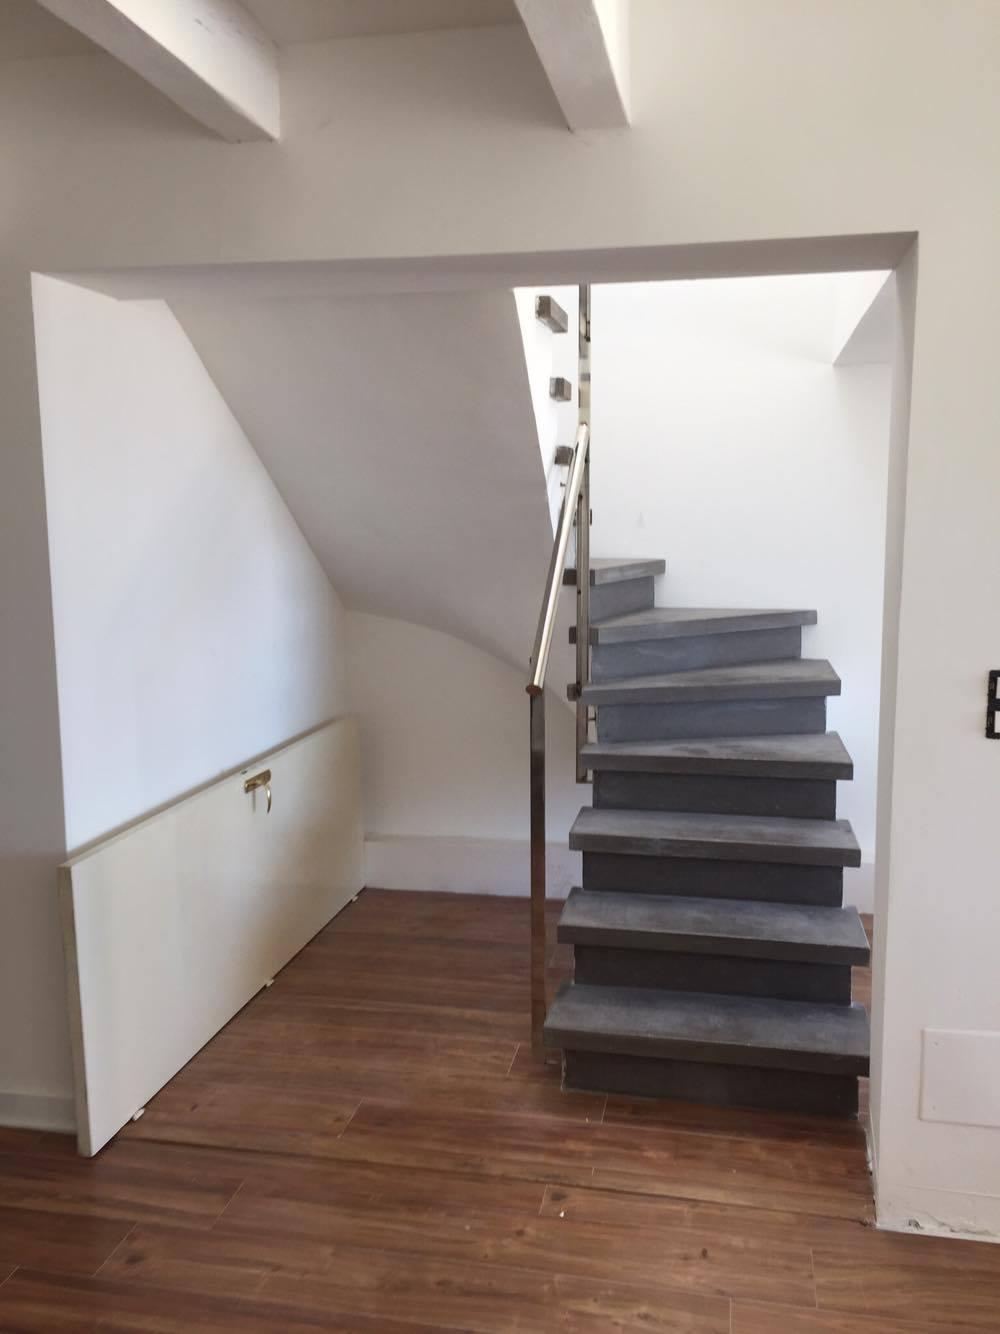 Fabrication et pose d 39 escalier en b ton teint carcassonne et toulouse - Escalier design beton ...